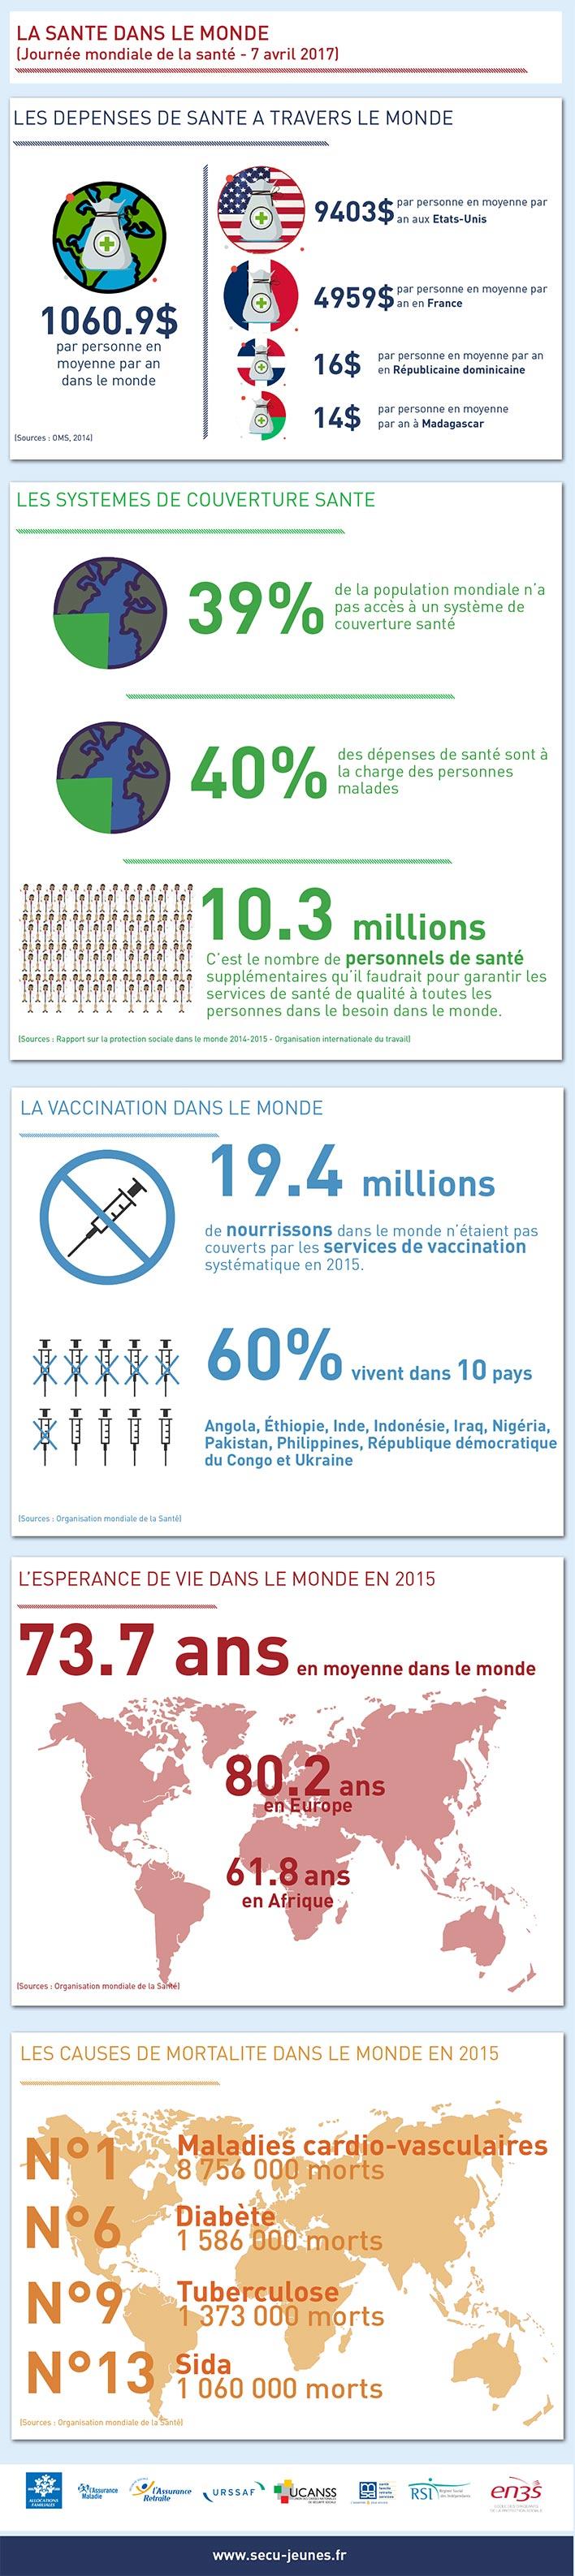 La santé dans le monde (Journée mondiale de la santé – 7 avril 2017)